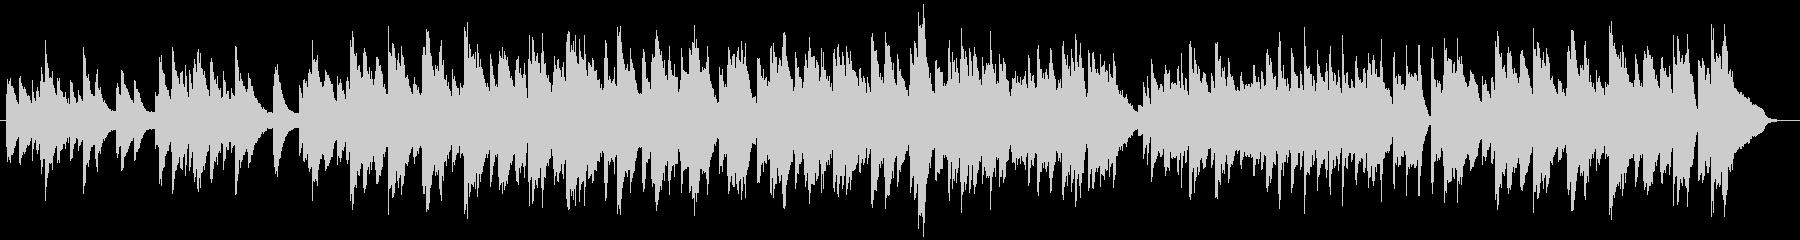 ピアノとビブラフォンによるまったり日常系の未再生の波形